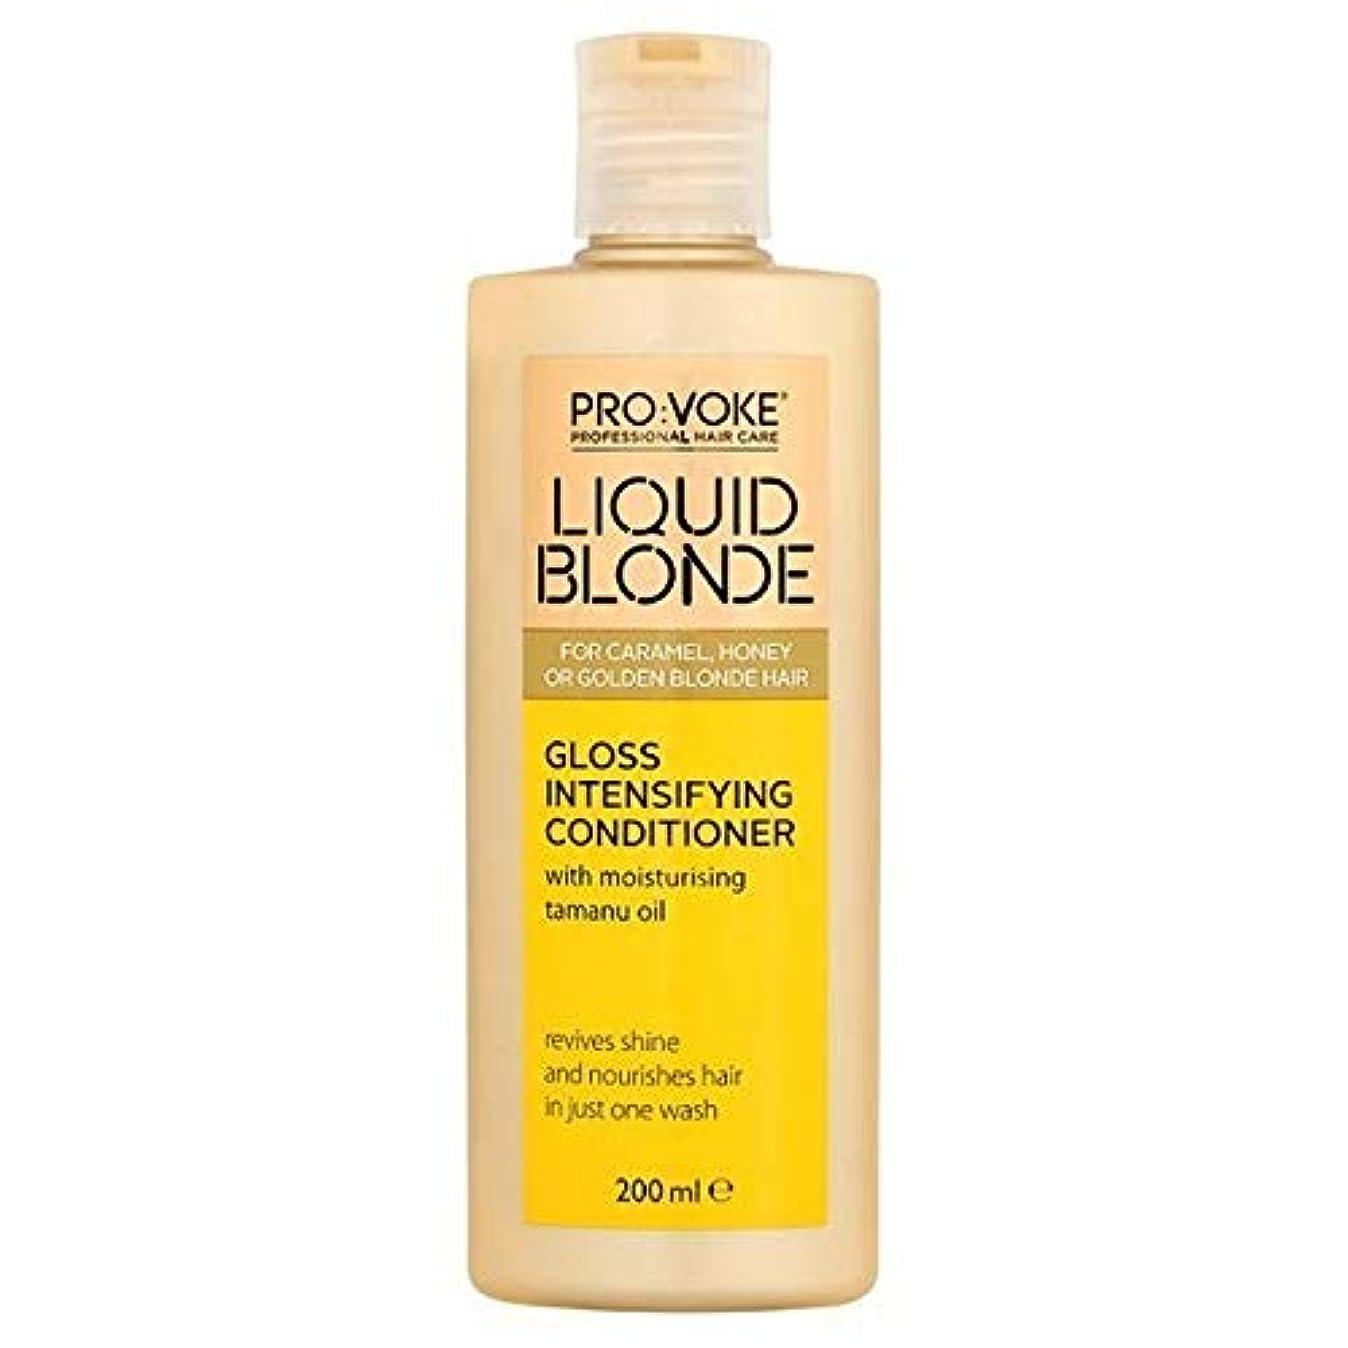 海外畝間有害な[Pro:Voke] プロ:Voke液体ブロンド強烈な輝きコンディショナー - PRO:VOKE Liquid Blonde Intense Shine Conditioner [並行輸入品]